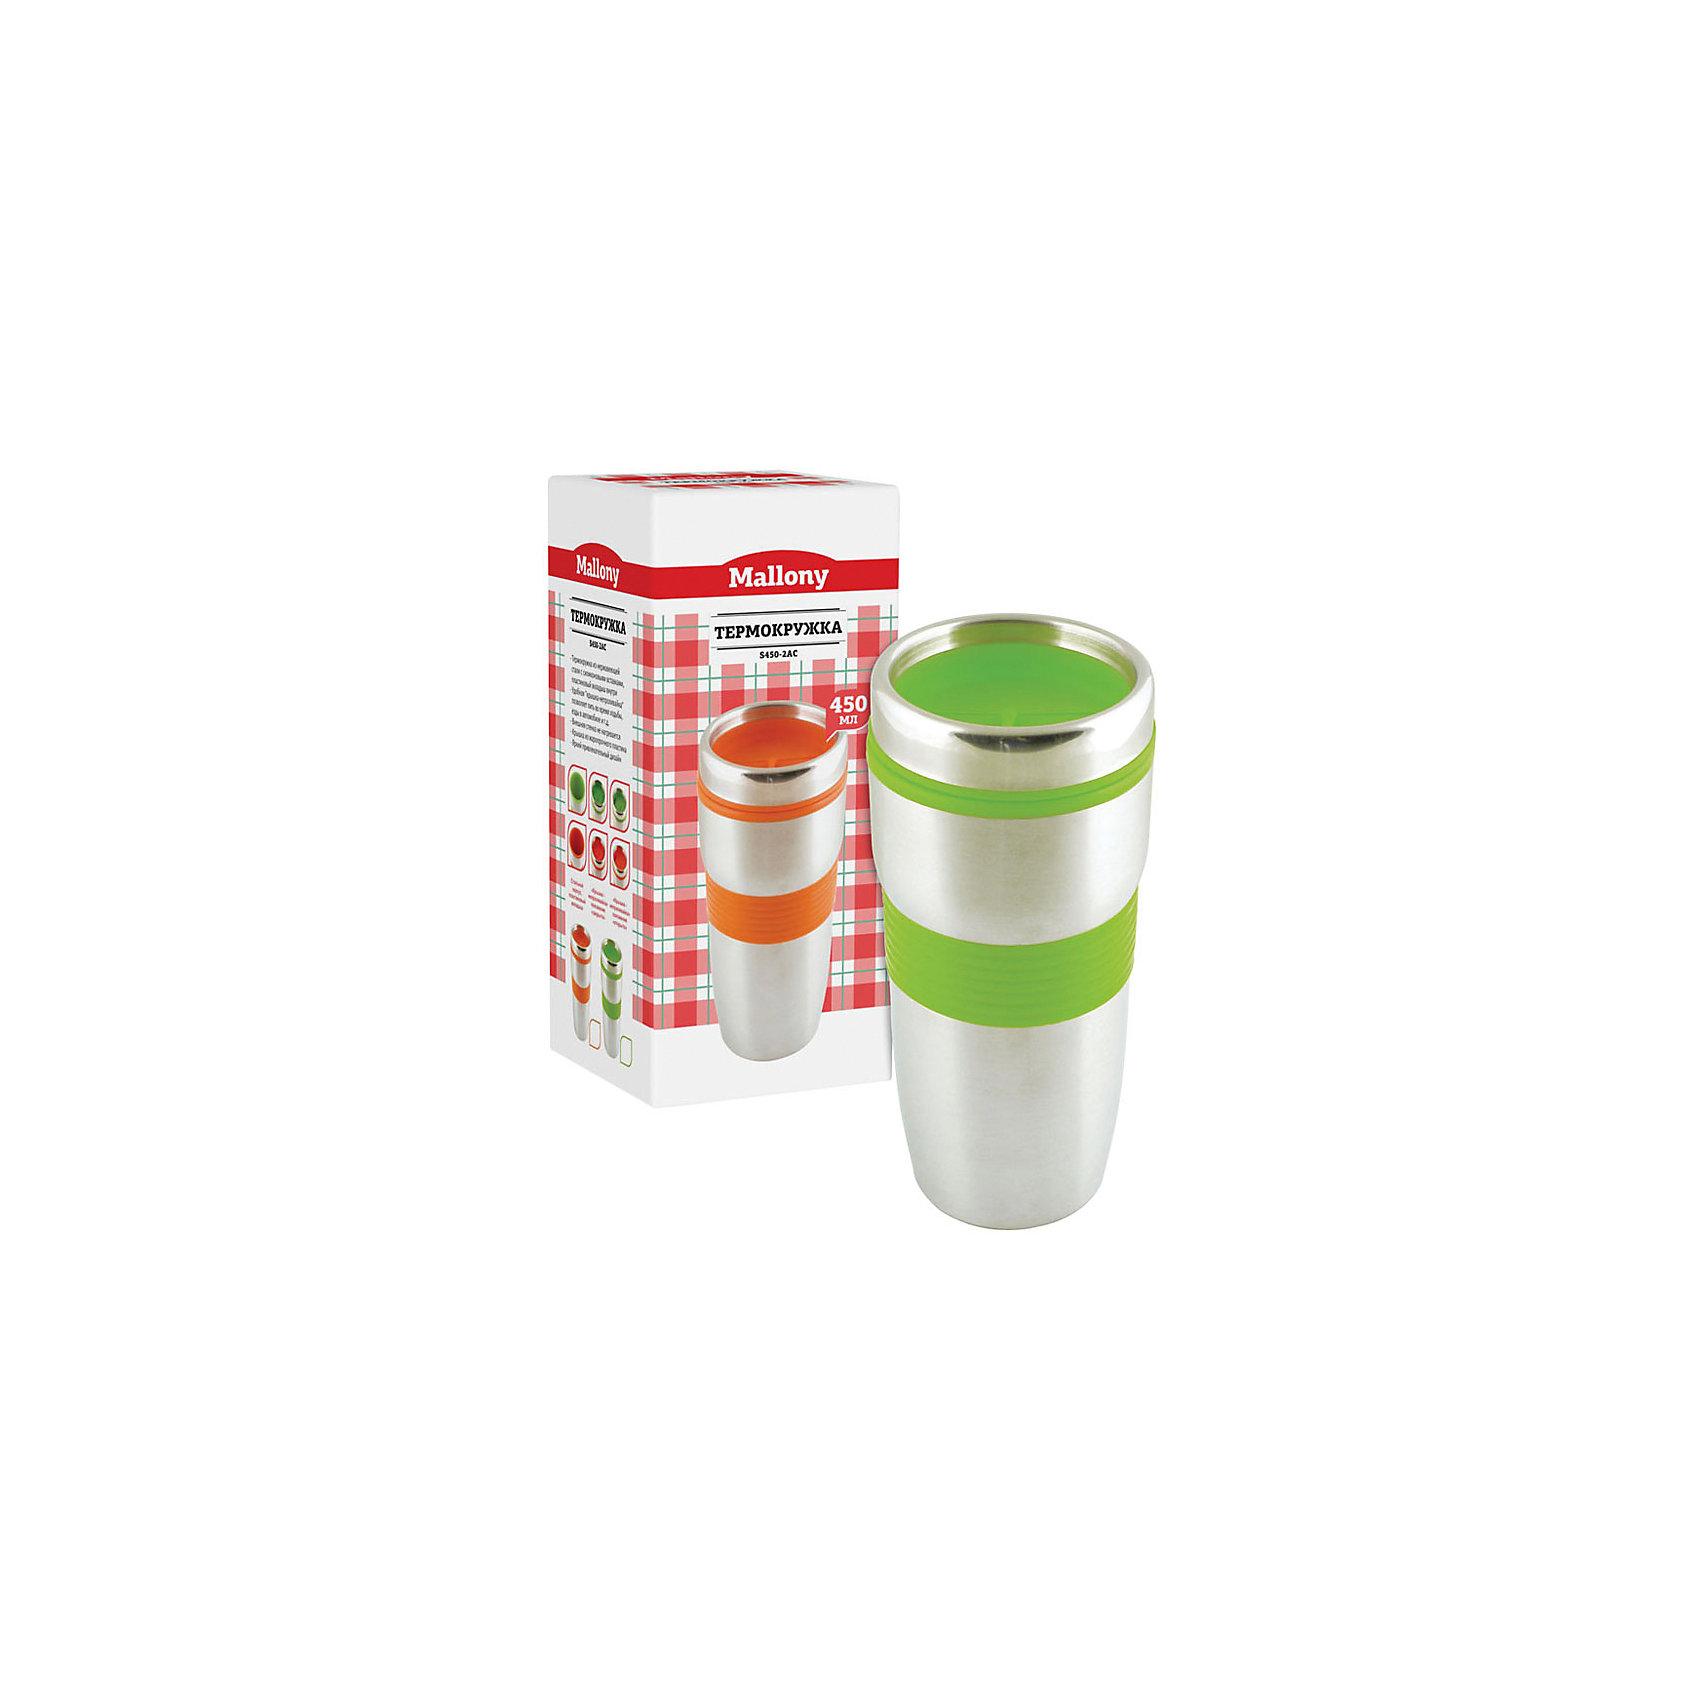 Термокружка S450-2AC, 450  мл, Mallony, зеленый/оранжевыйПосуда<br>Кружка-непроливайка из нержавеющей стали позволяет иметь под рукой всегда горячие напитки. Чай, кофе или кипяток – термокружка с крышкой надолго сохраняют жидкости горячими. Внешняя стенка не нагревается.<br><br>Дополнительная информация:<br><br>Размер: 20х8х9 см<br>Объем: 450 мл<br><br>Материал: нержавеющая сталь SS201, силиконовые вставки, жаропрочный пластик: внутренний вкладыш, крышка, ручка.<br><br>ВНИМАНИЕ! Данный артикул имеется в наличии в разных цветовых исполнениях (оранжевый и зеленый). <br>К сожалению, заранее выбрать определенный цвет невозможно.<br><br>Термокружку S450-2AC, 450  мл, Mallony, зеленую/оранжевую можно купить в нашем интернет-магазине.<br><br>Ширина мм: 80<br>Глубина мм: 80<br>Высота мм: 193<br>Вес г: 275<br>Возраст от месяцев: 6<br>Возраст до месяцев: 1080<br>Пол: Унисекс<br>Возраст: Детский<br>SKU: 4989846